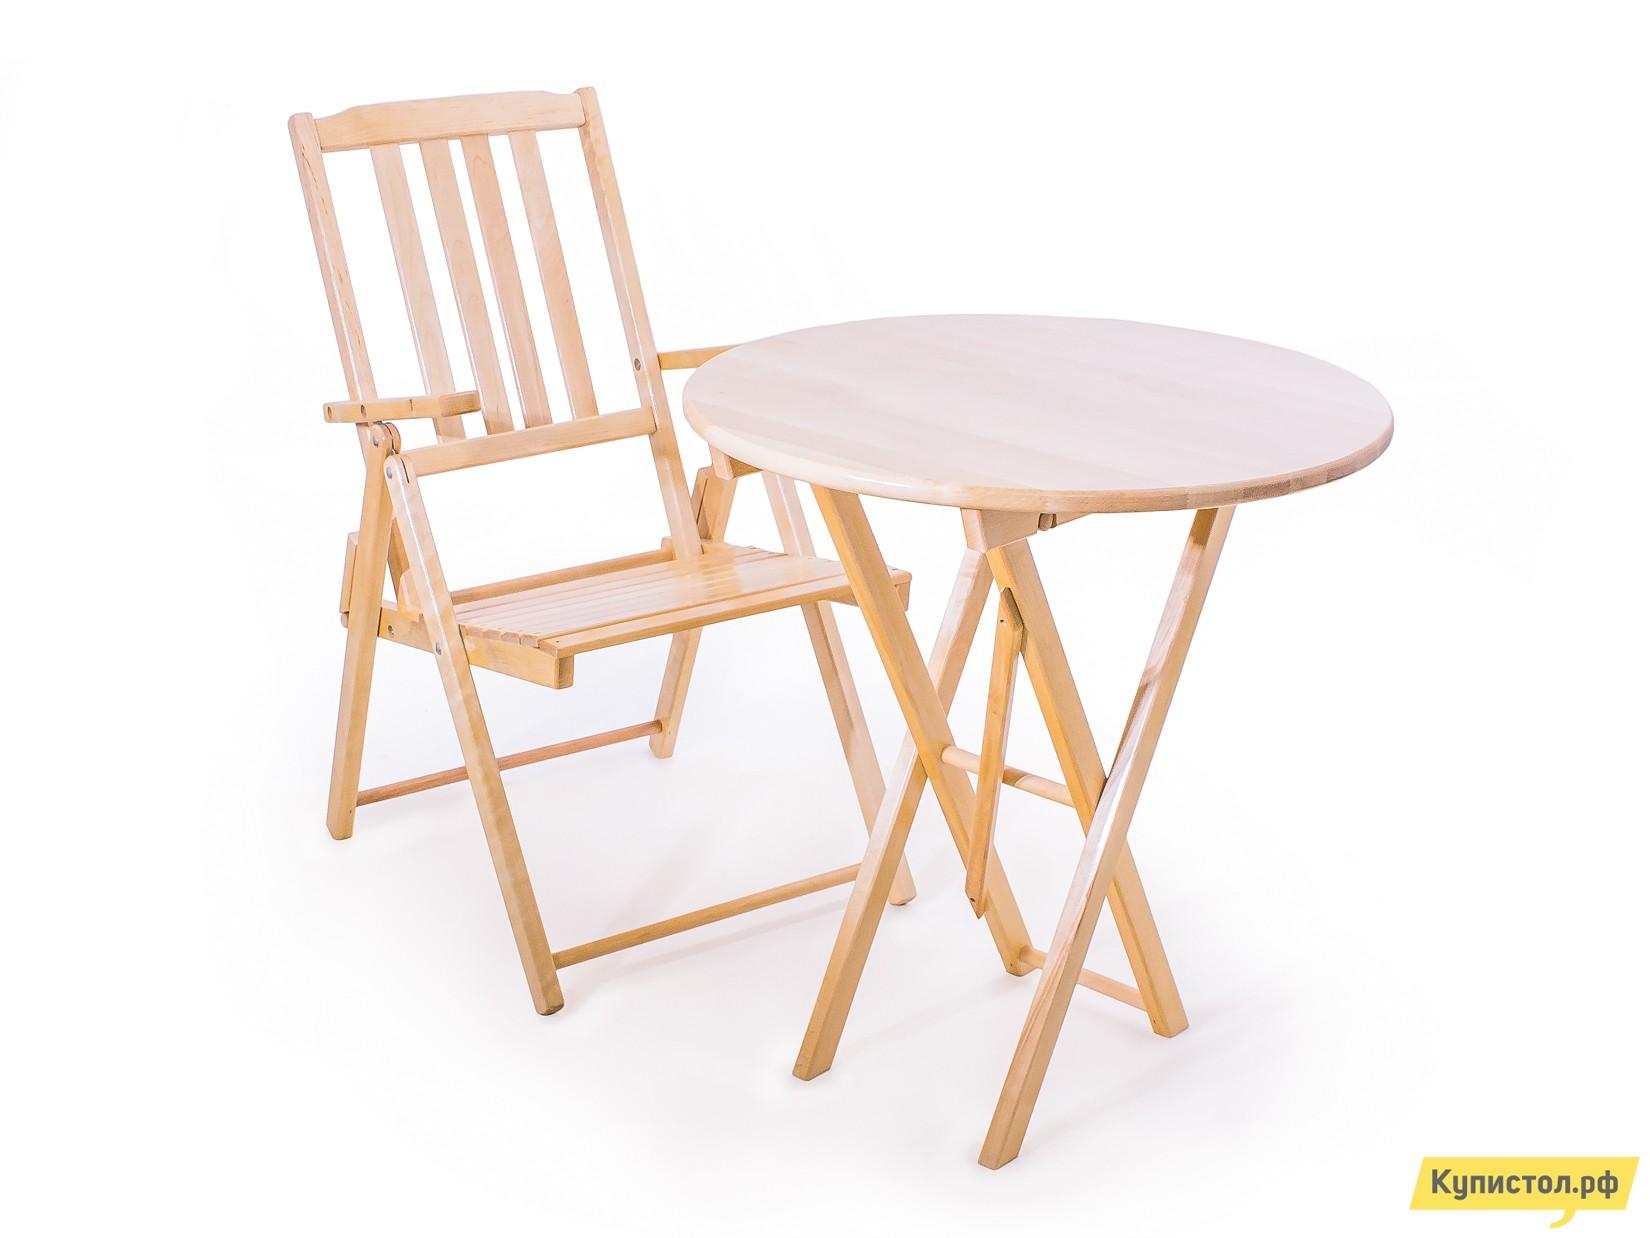 Комплект садовой мебели СМКА Комфорт СМ047Б+СМ012Б Береза